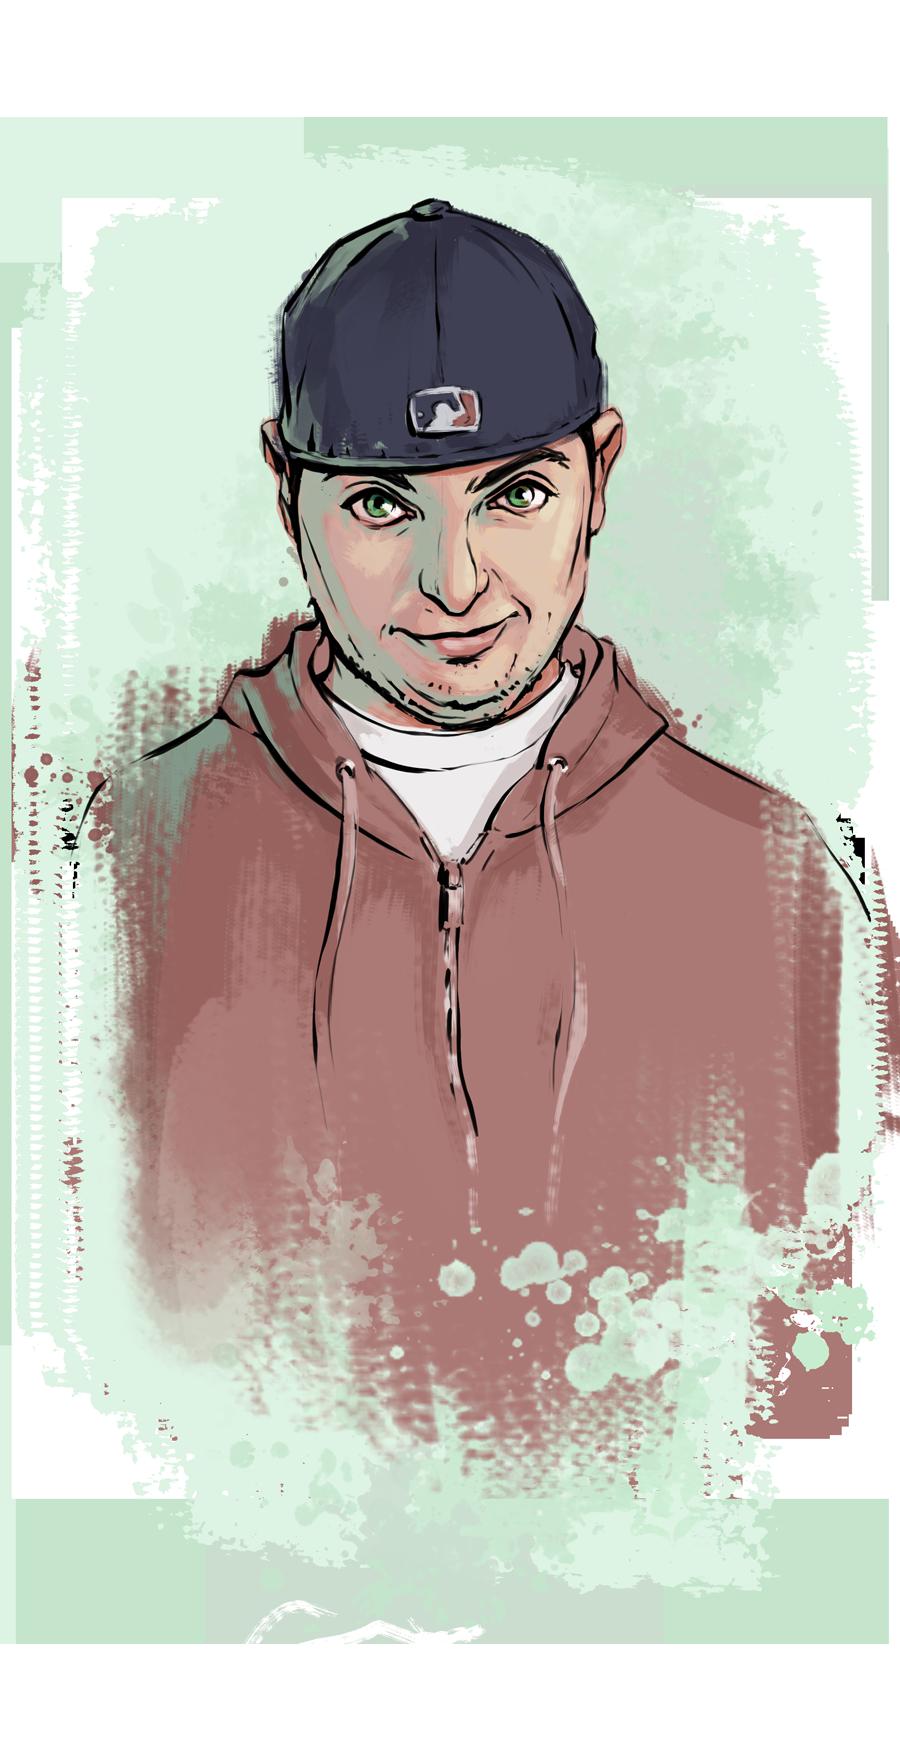 michael_portrait_900.png